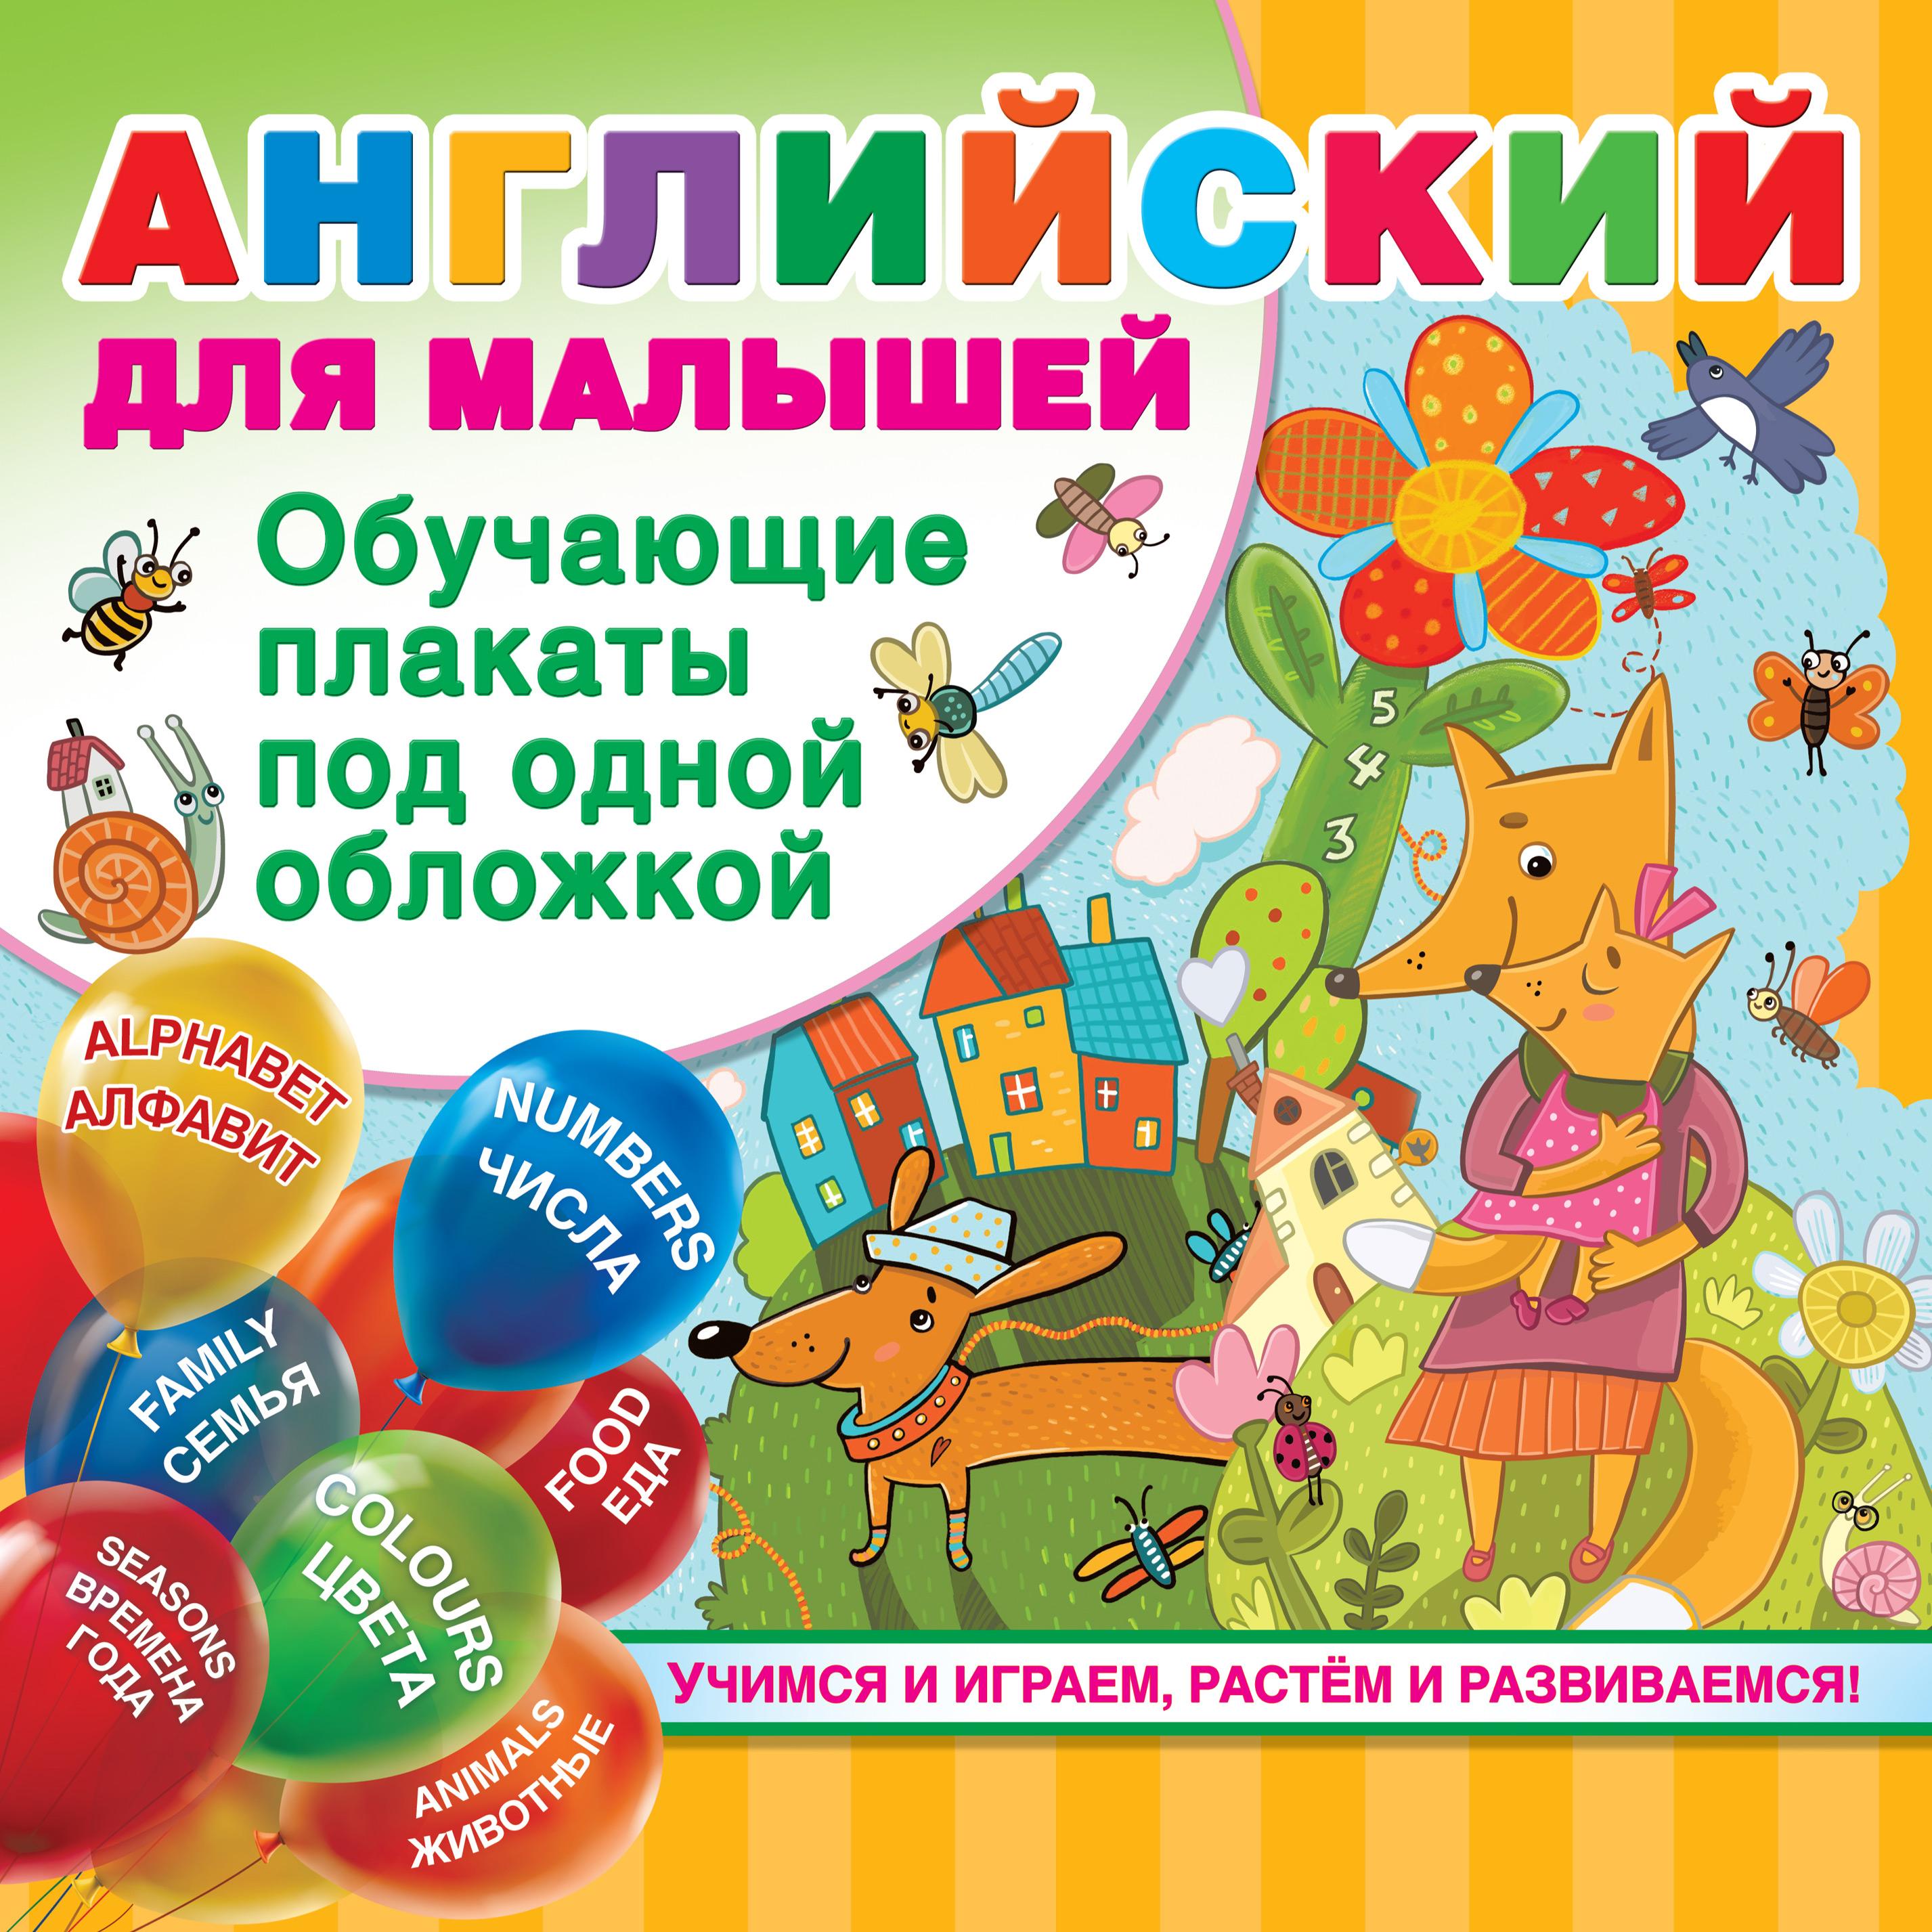 цена на Отсутствует Английский для малышей. Все обучающие плакаты под одной обложкой